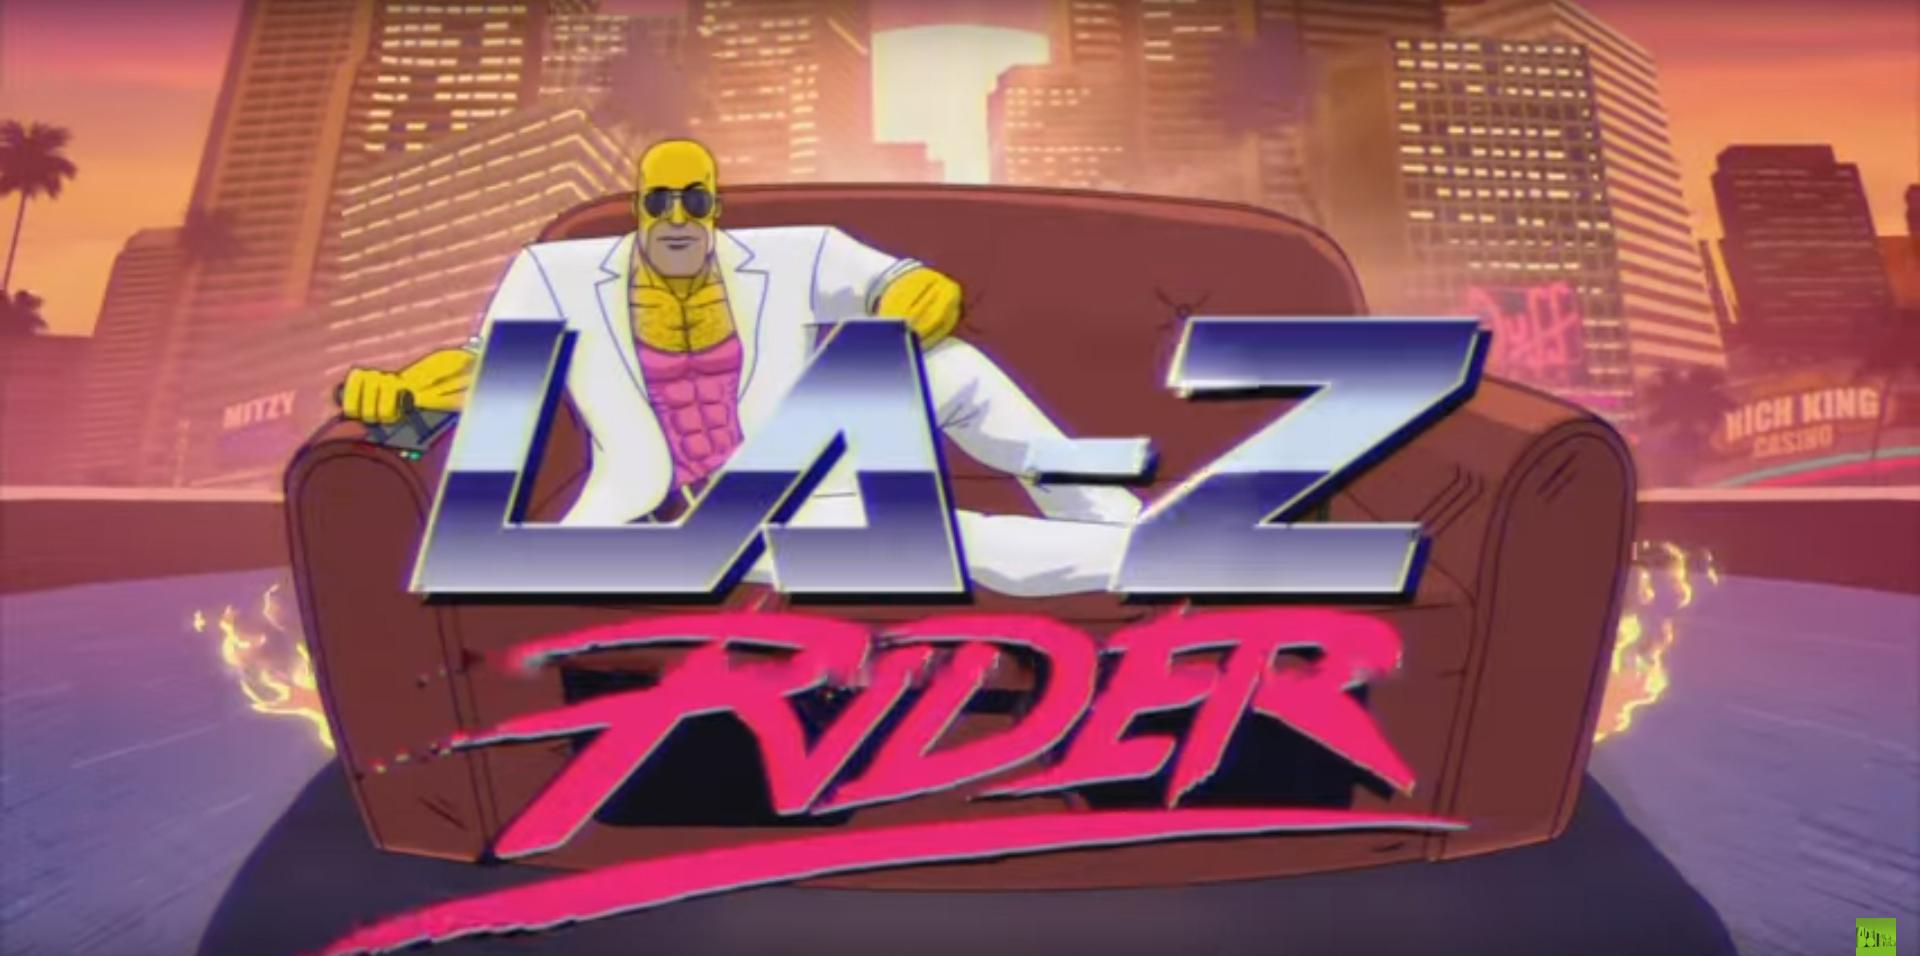 The Simpsons, l'epica gag del divano: LA-Z Rider